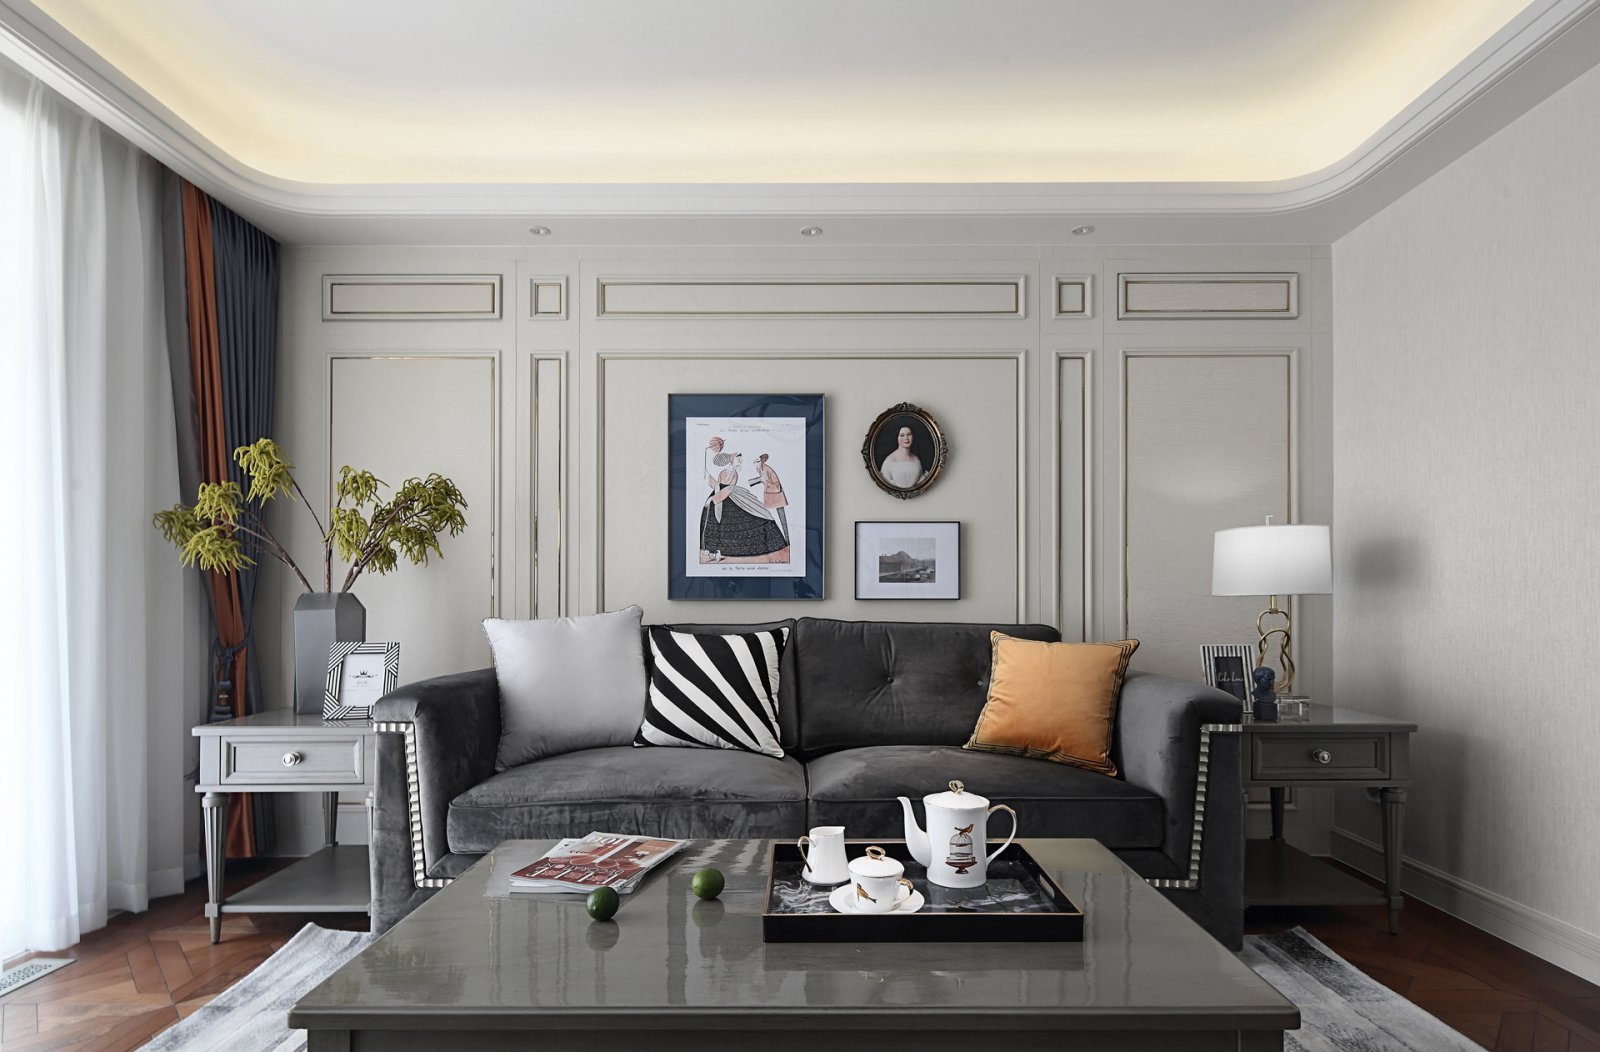 美式与轻奢的结合,展现了家的温馨与幸福感三居室